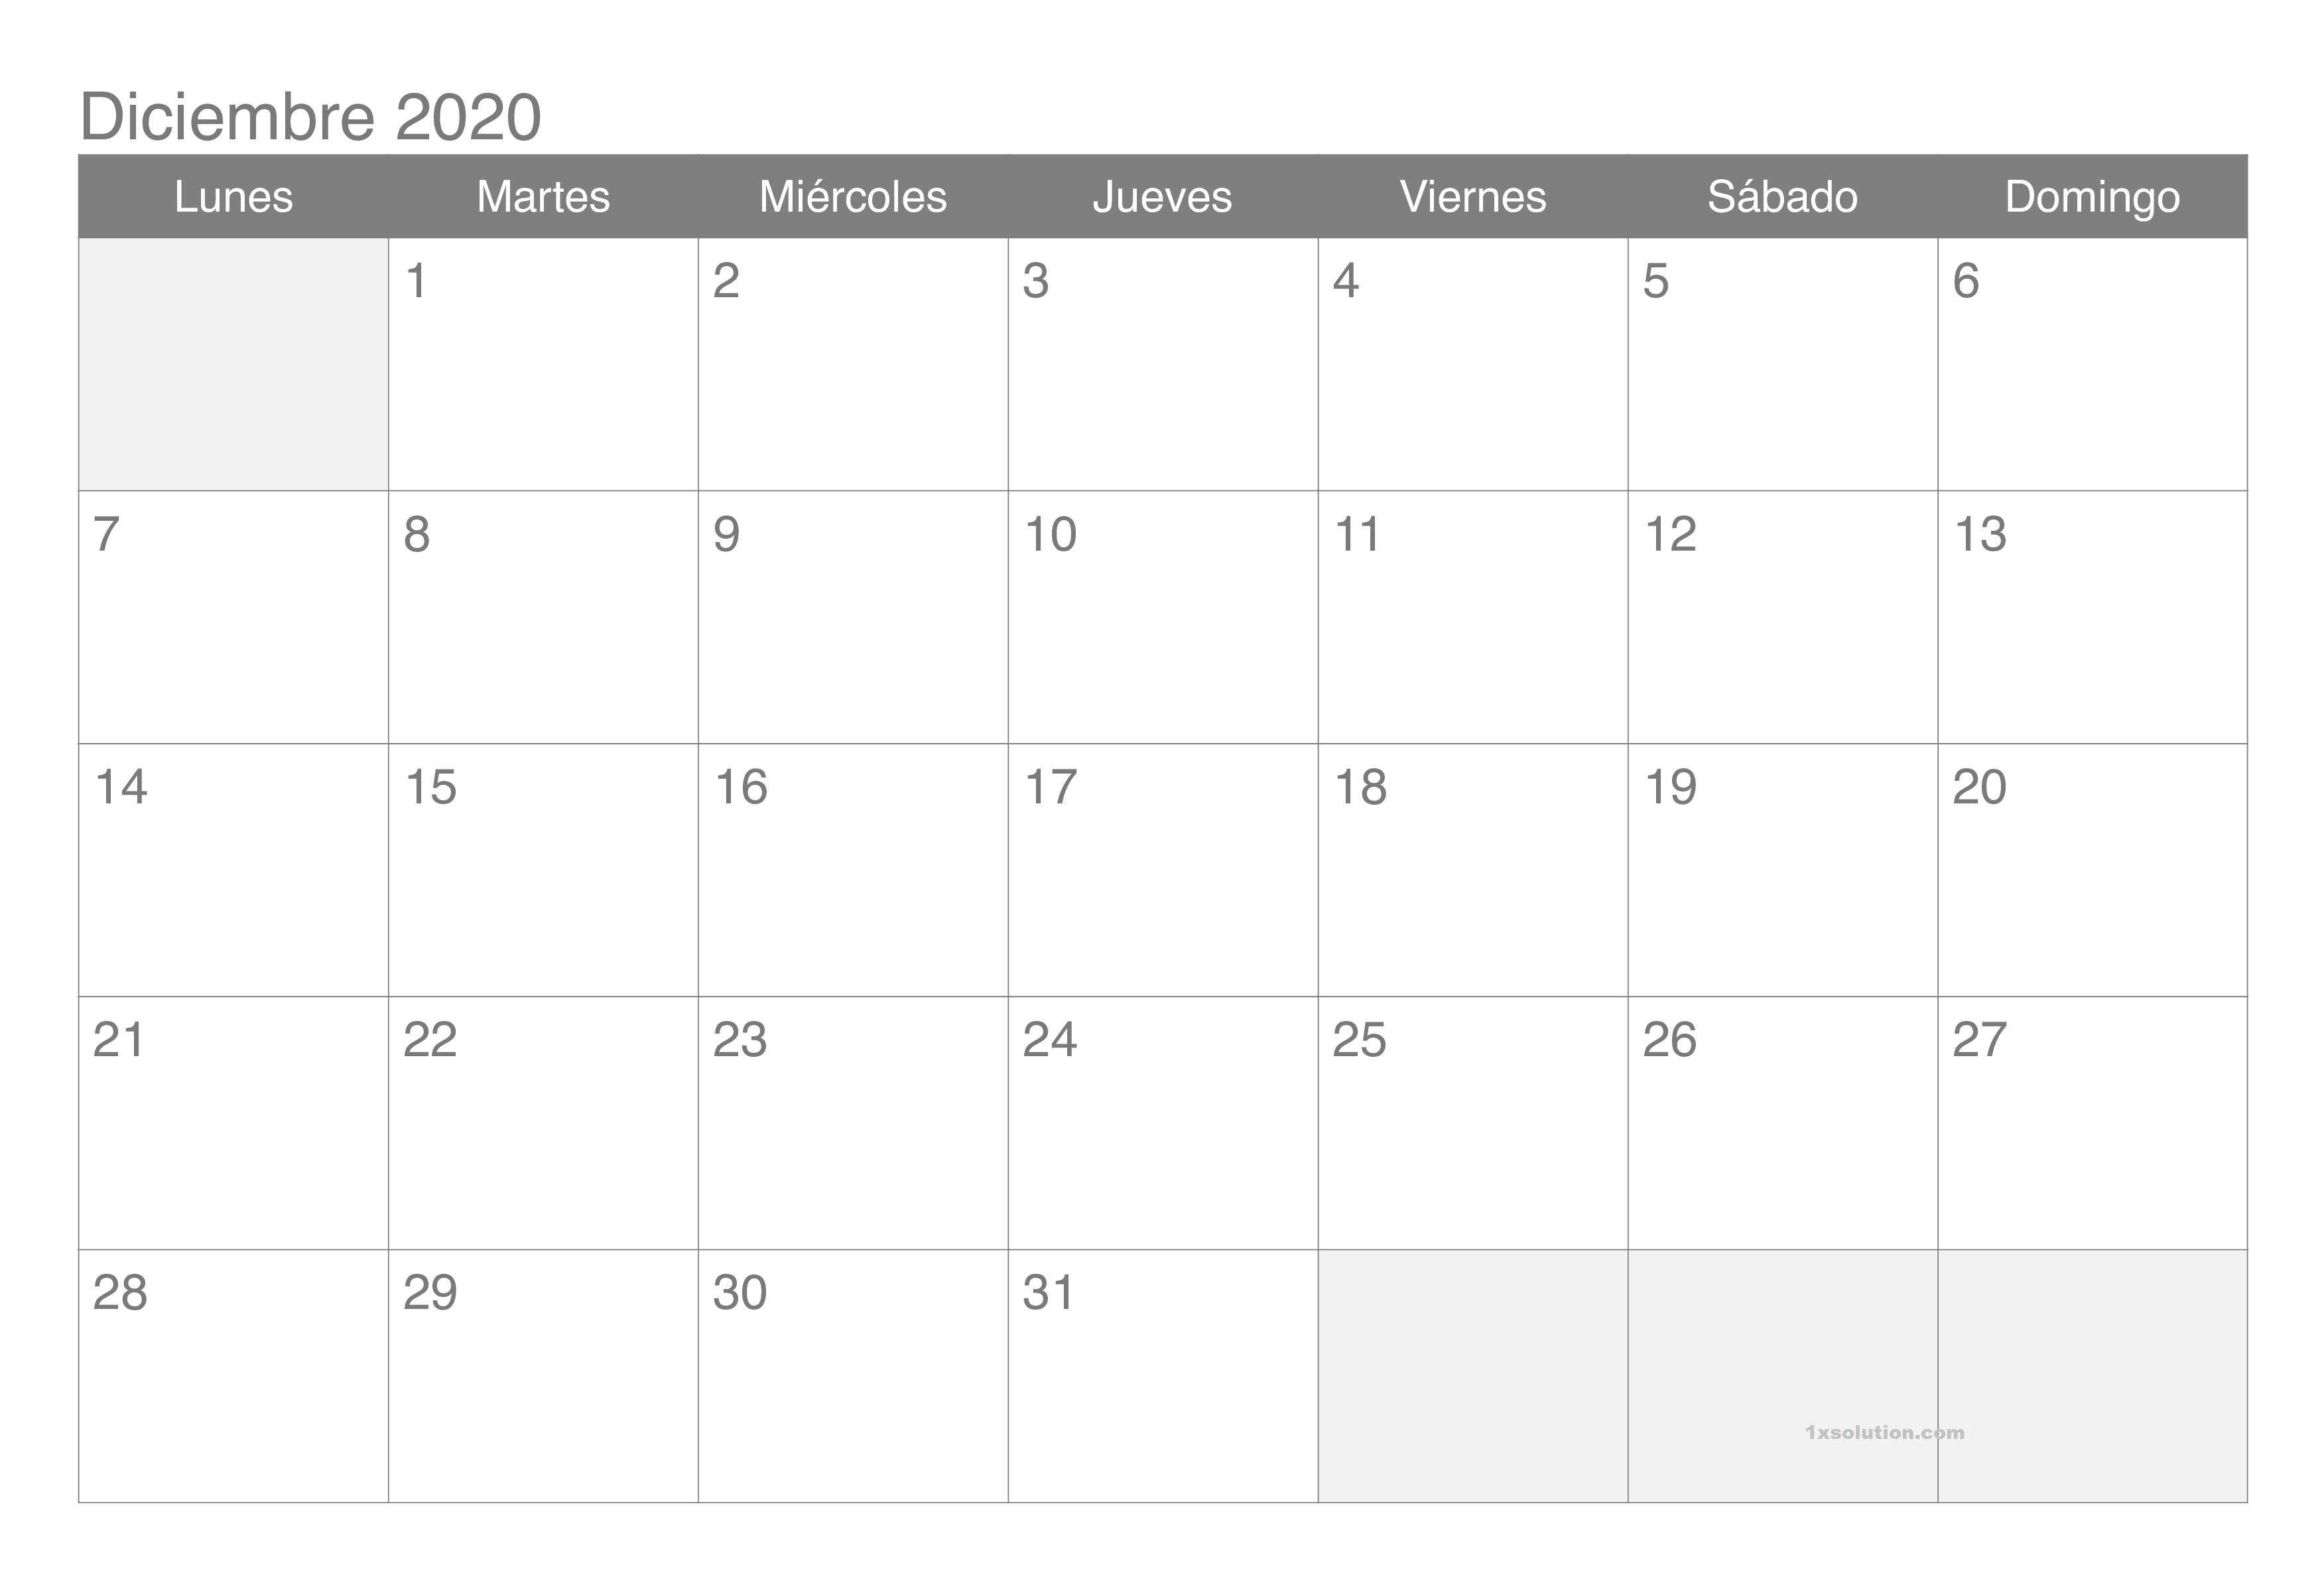 Calendario Diciembre 2020 Con Festivos